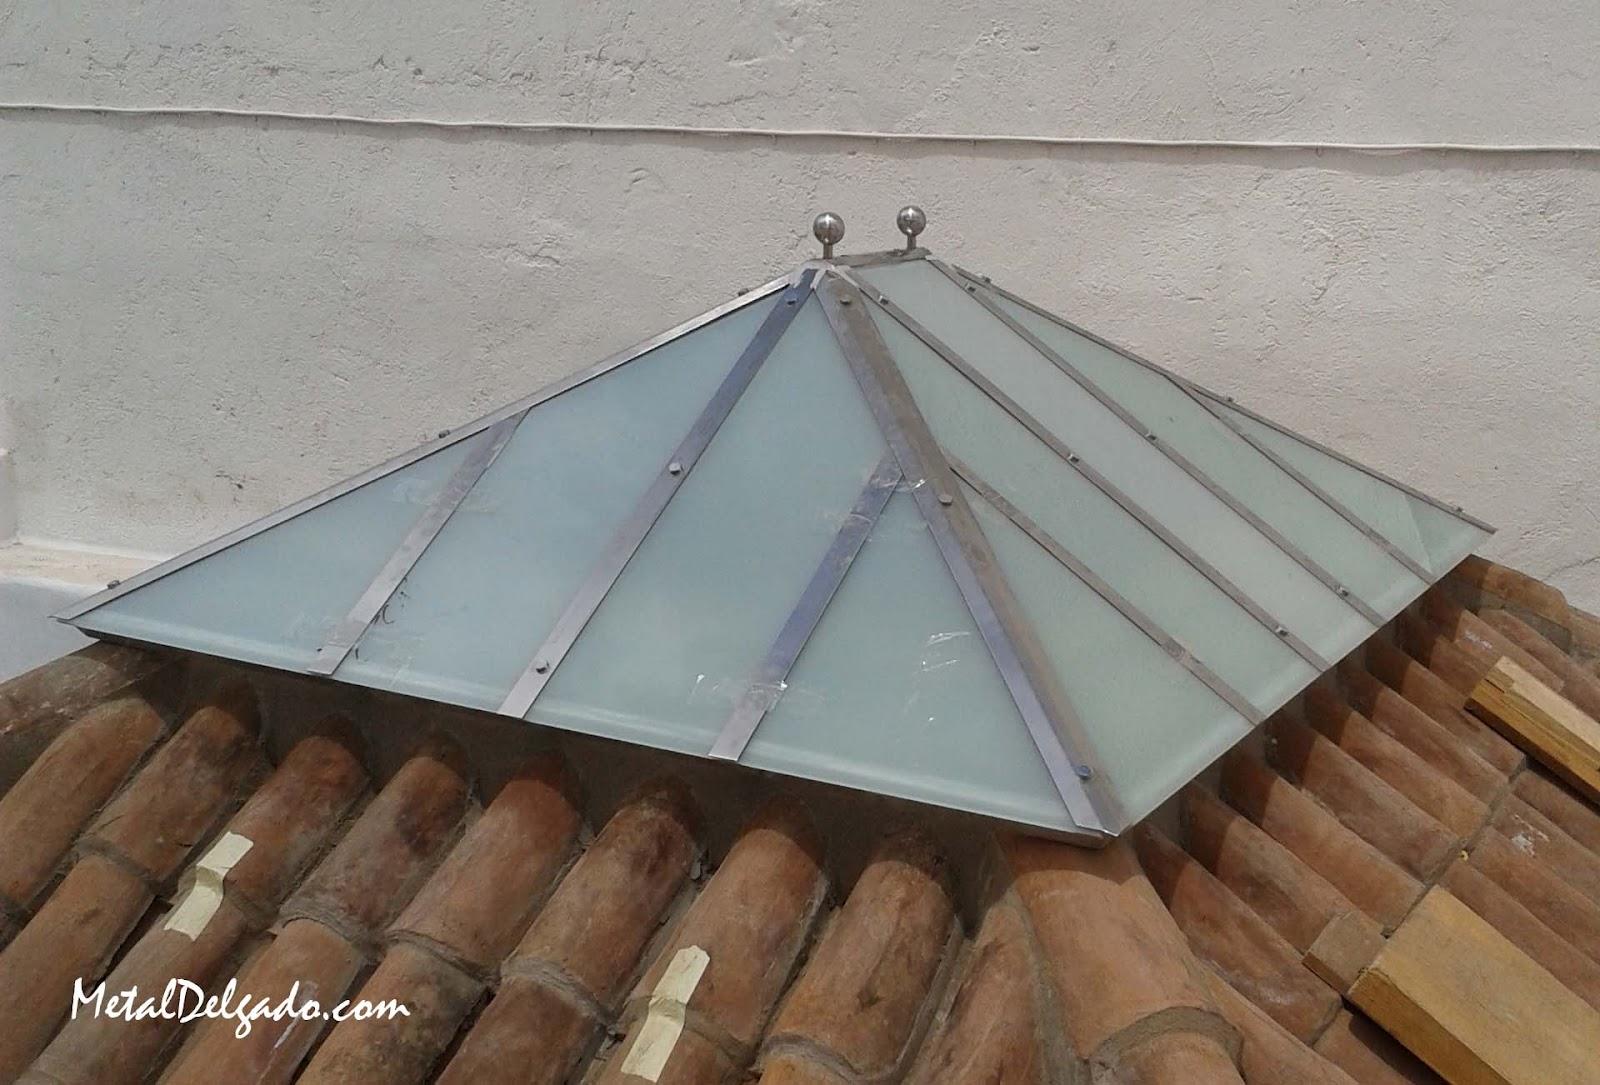 Acero inoxidable tenerife techo de cuatro aguas for Como hacer un techo a cuatro aguas